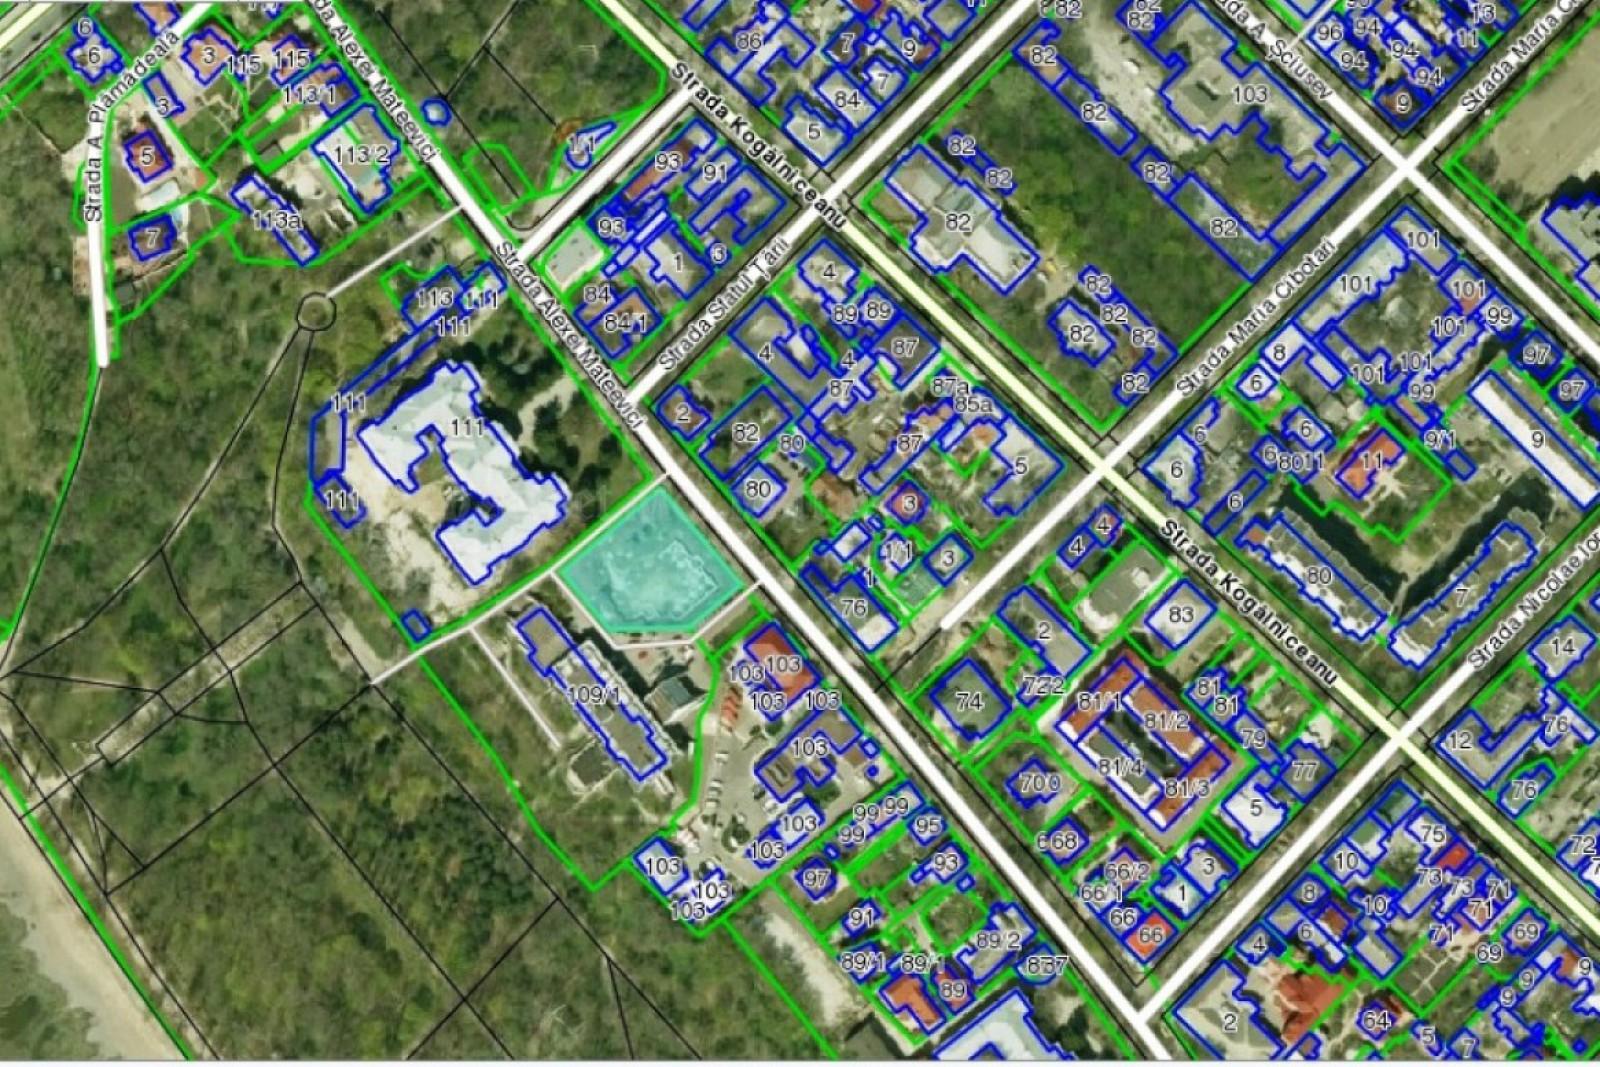 Mold-street: Comitetul Naţional Olimpic al lui Juravschi a vândut terenul de pe strada Mateevici pe care l-a primit gratuit de la Primărie